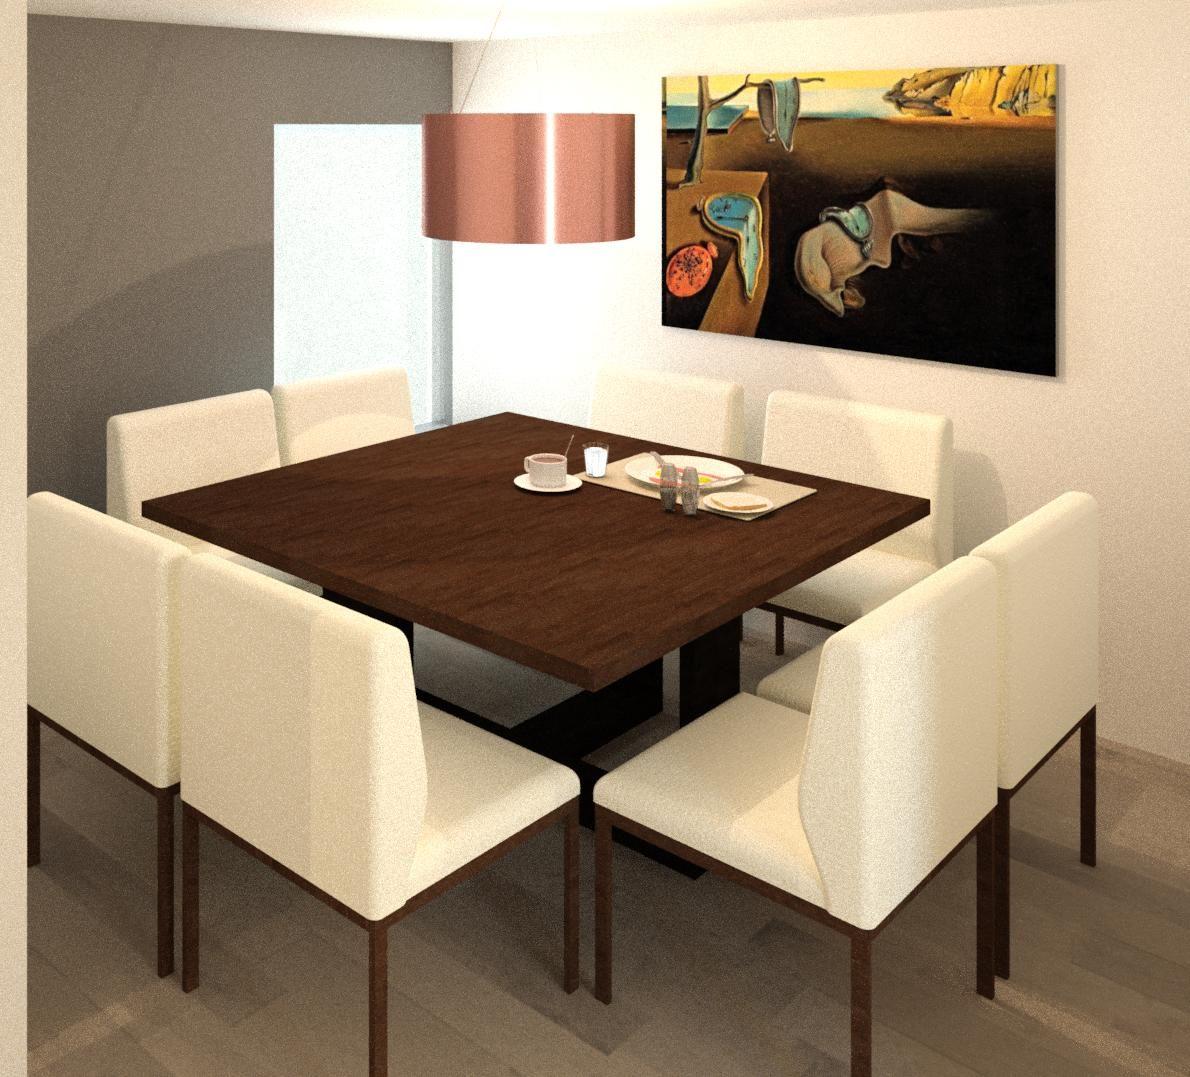 Disear Un Salon Comedor Good Mueble Para Tv Del Catlogo Kay With